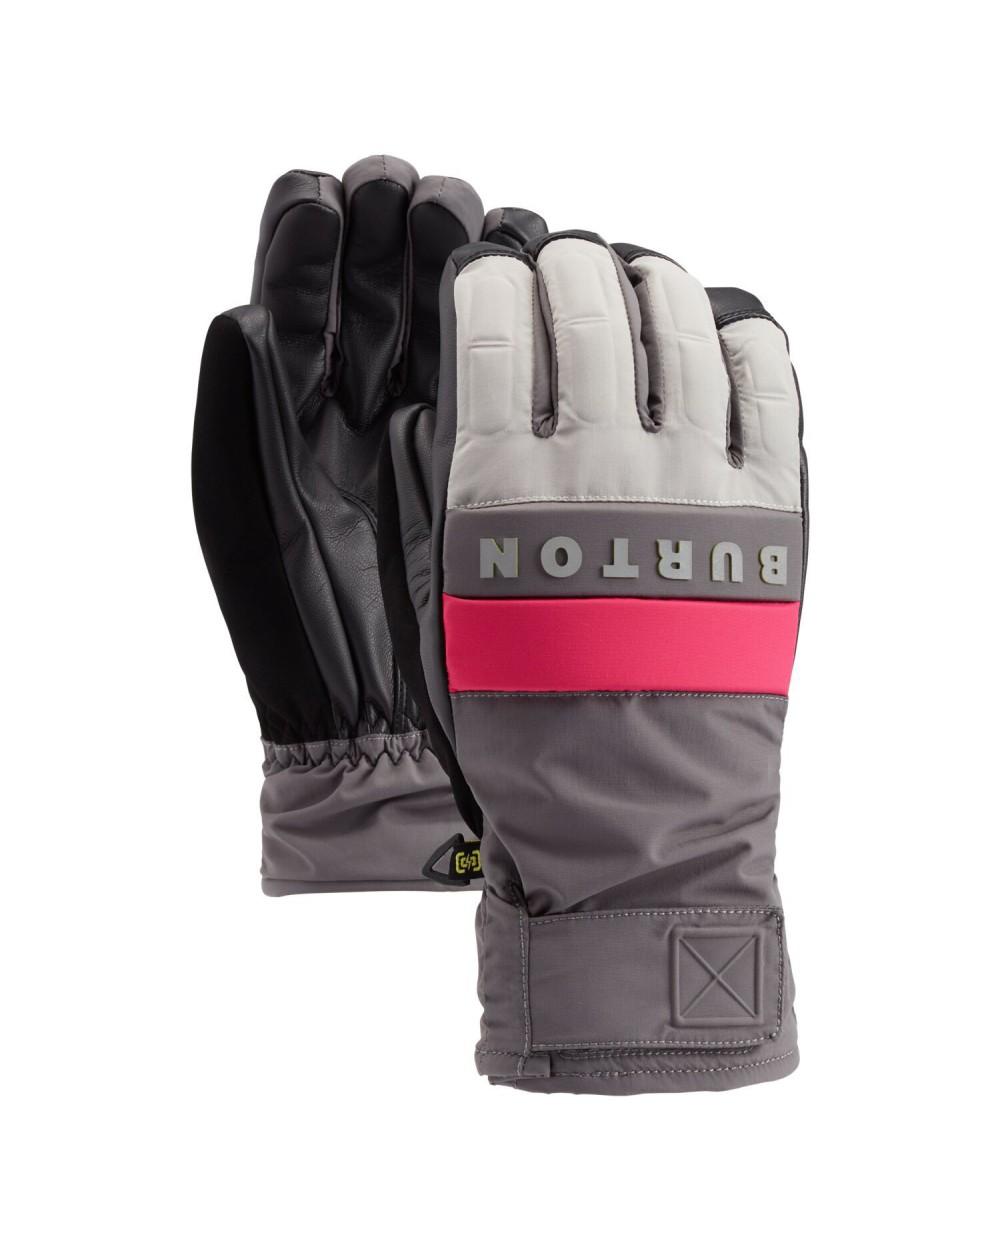 Burton Backtrack Glove - Iron Gray / Castlerock